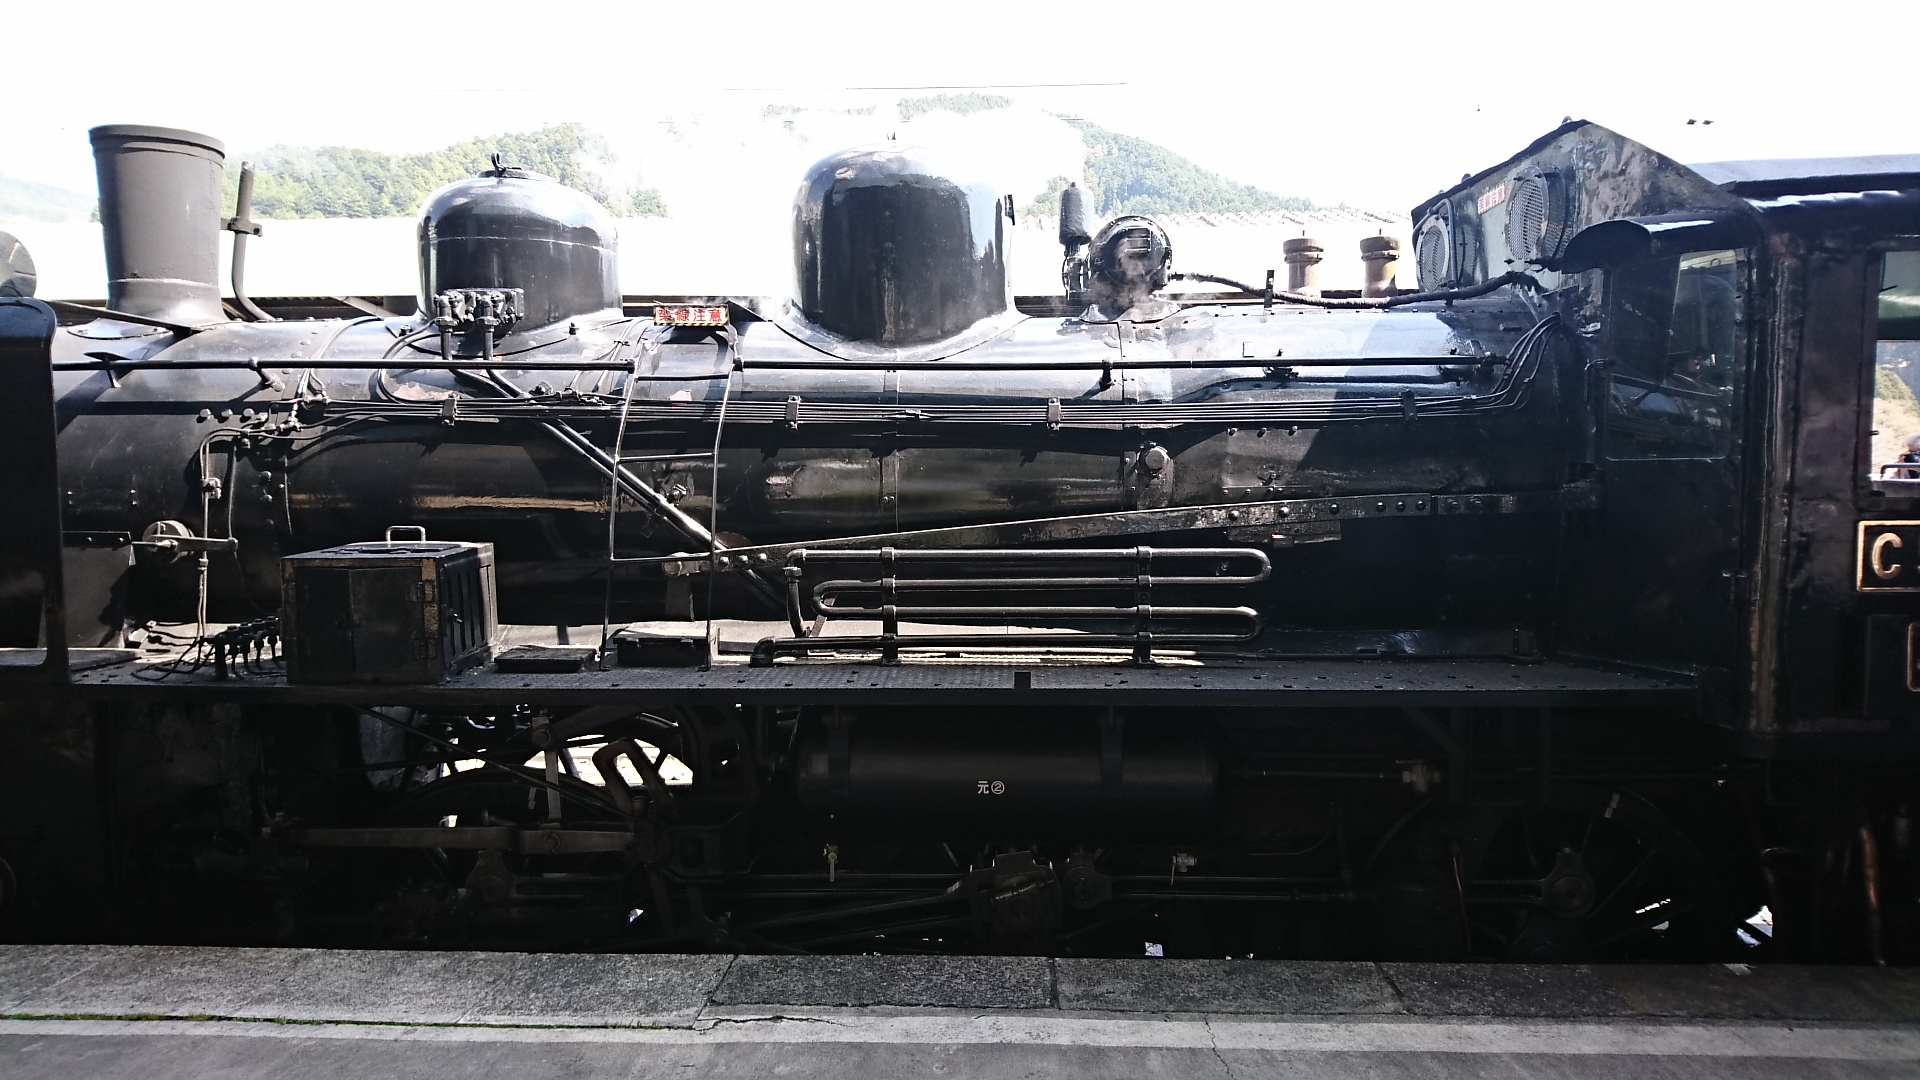 2018.3.28 かえり (26) 千頭 - 蒸気機関車(C5644) 1920-1080